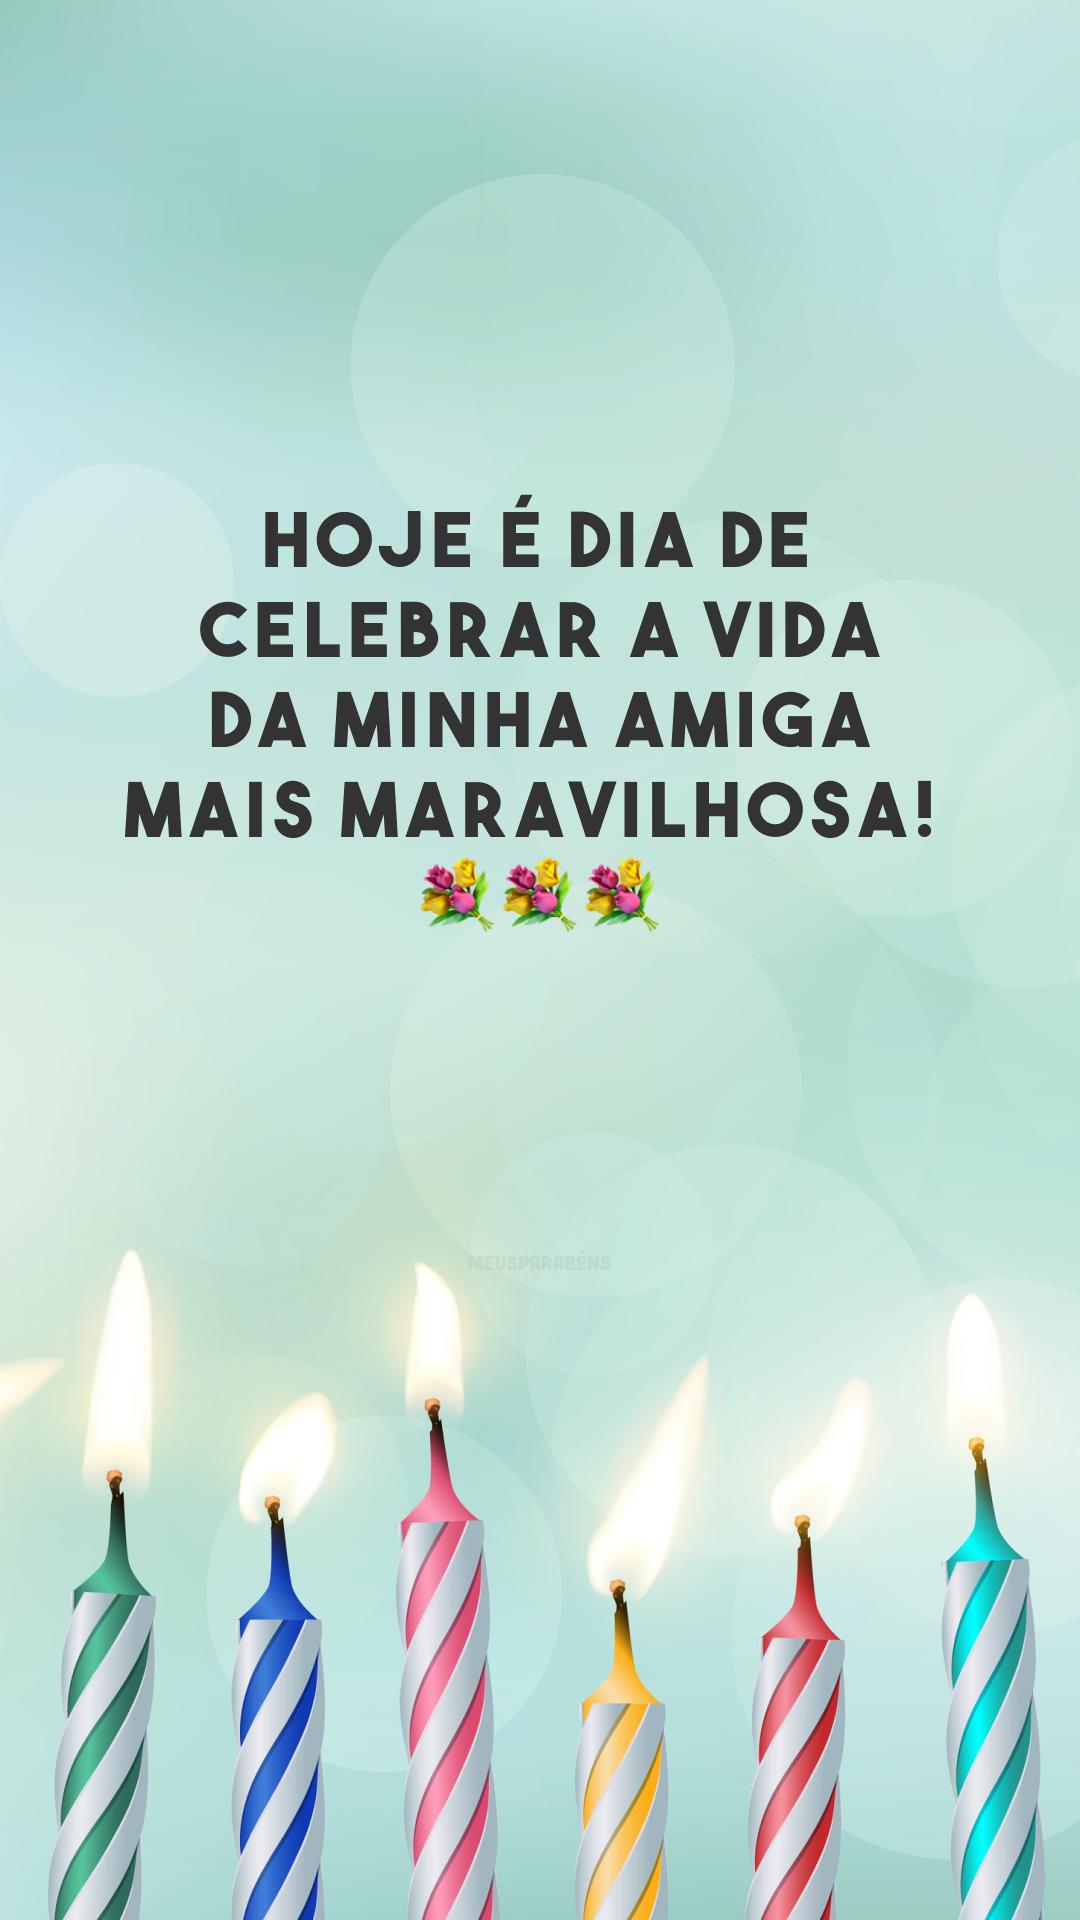 Hoje é dia de celebrar a vida da minha amiga mais maravilhosa! Que possamos celebrar essa data por muitos e muitos anos. Feliz aniversário! 💐💐💐